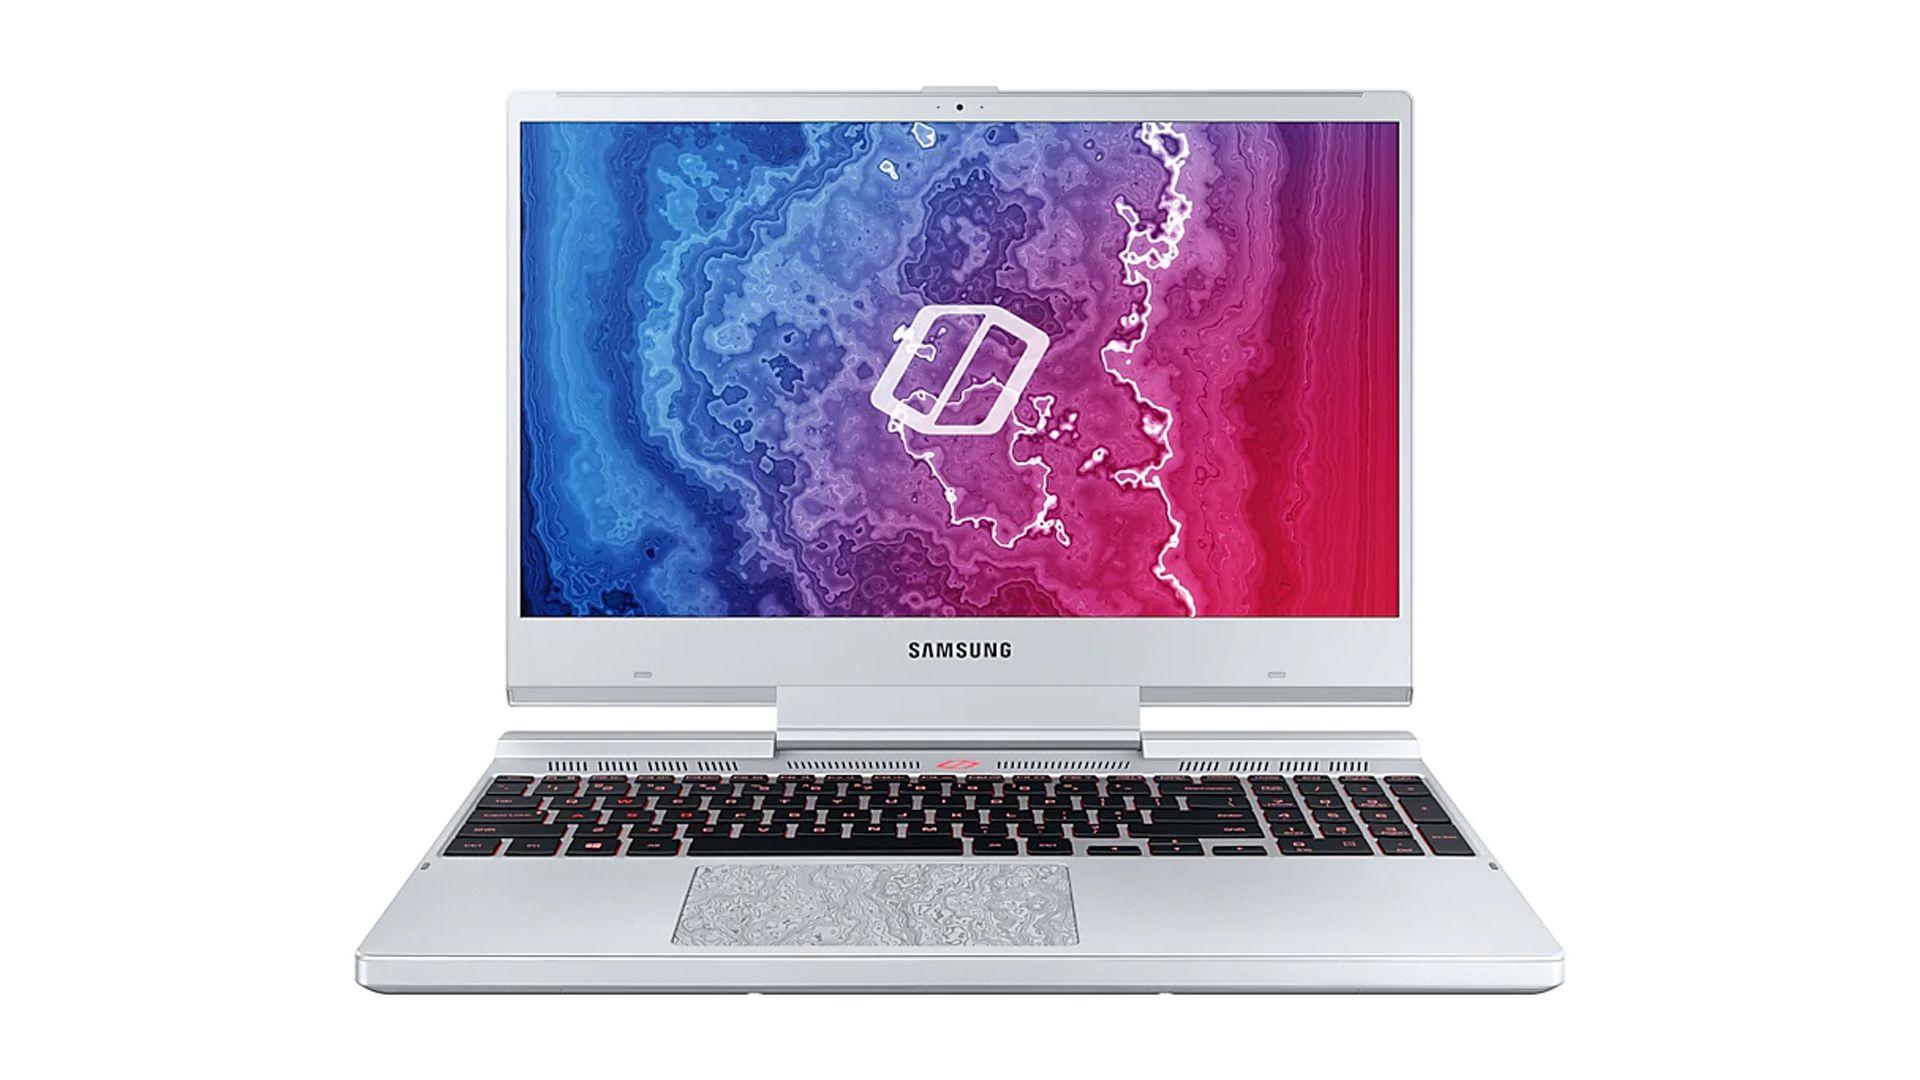 Tela do Samsung Odyssey 2 tem 15,6 polegadas, resolução Full HD e tecnologia IPS. (Foto: Divulgação/Samsung)